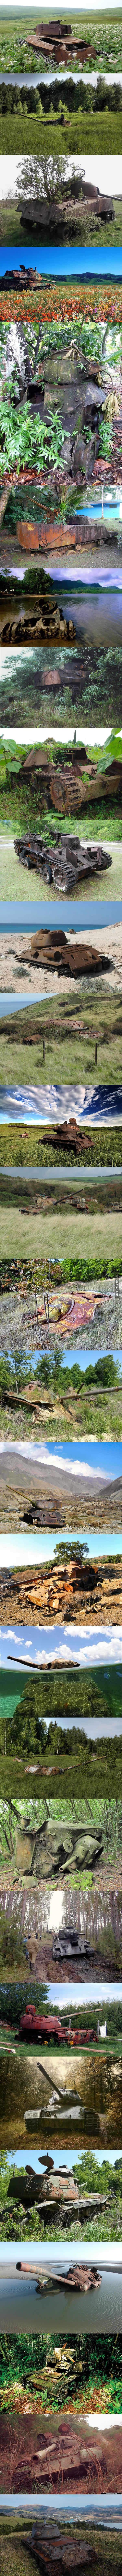 tanky v prírode (1)